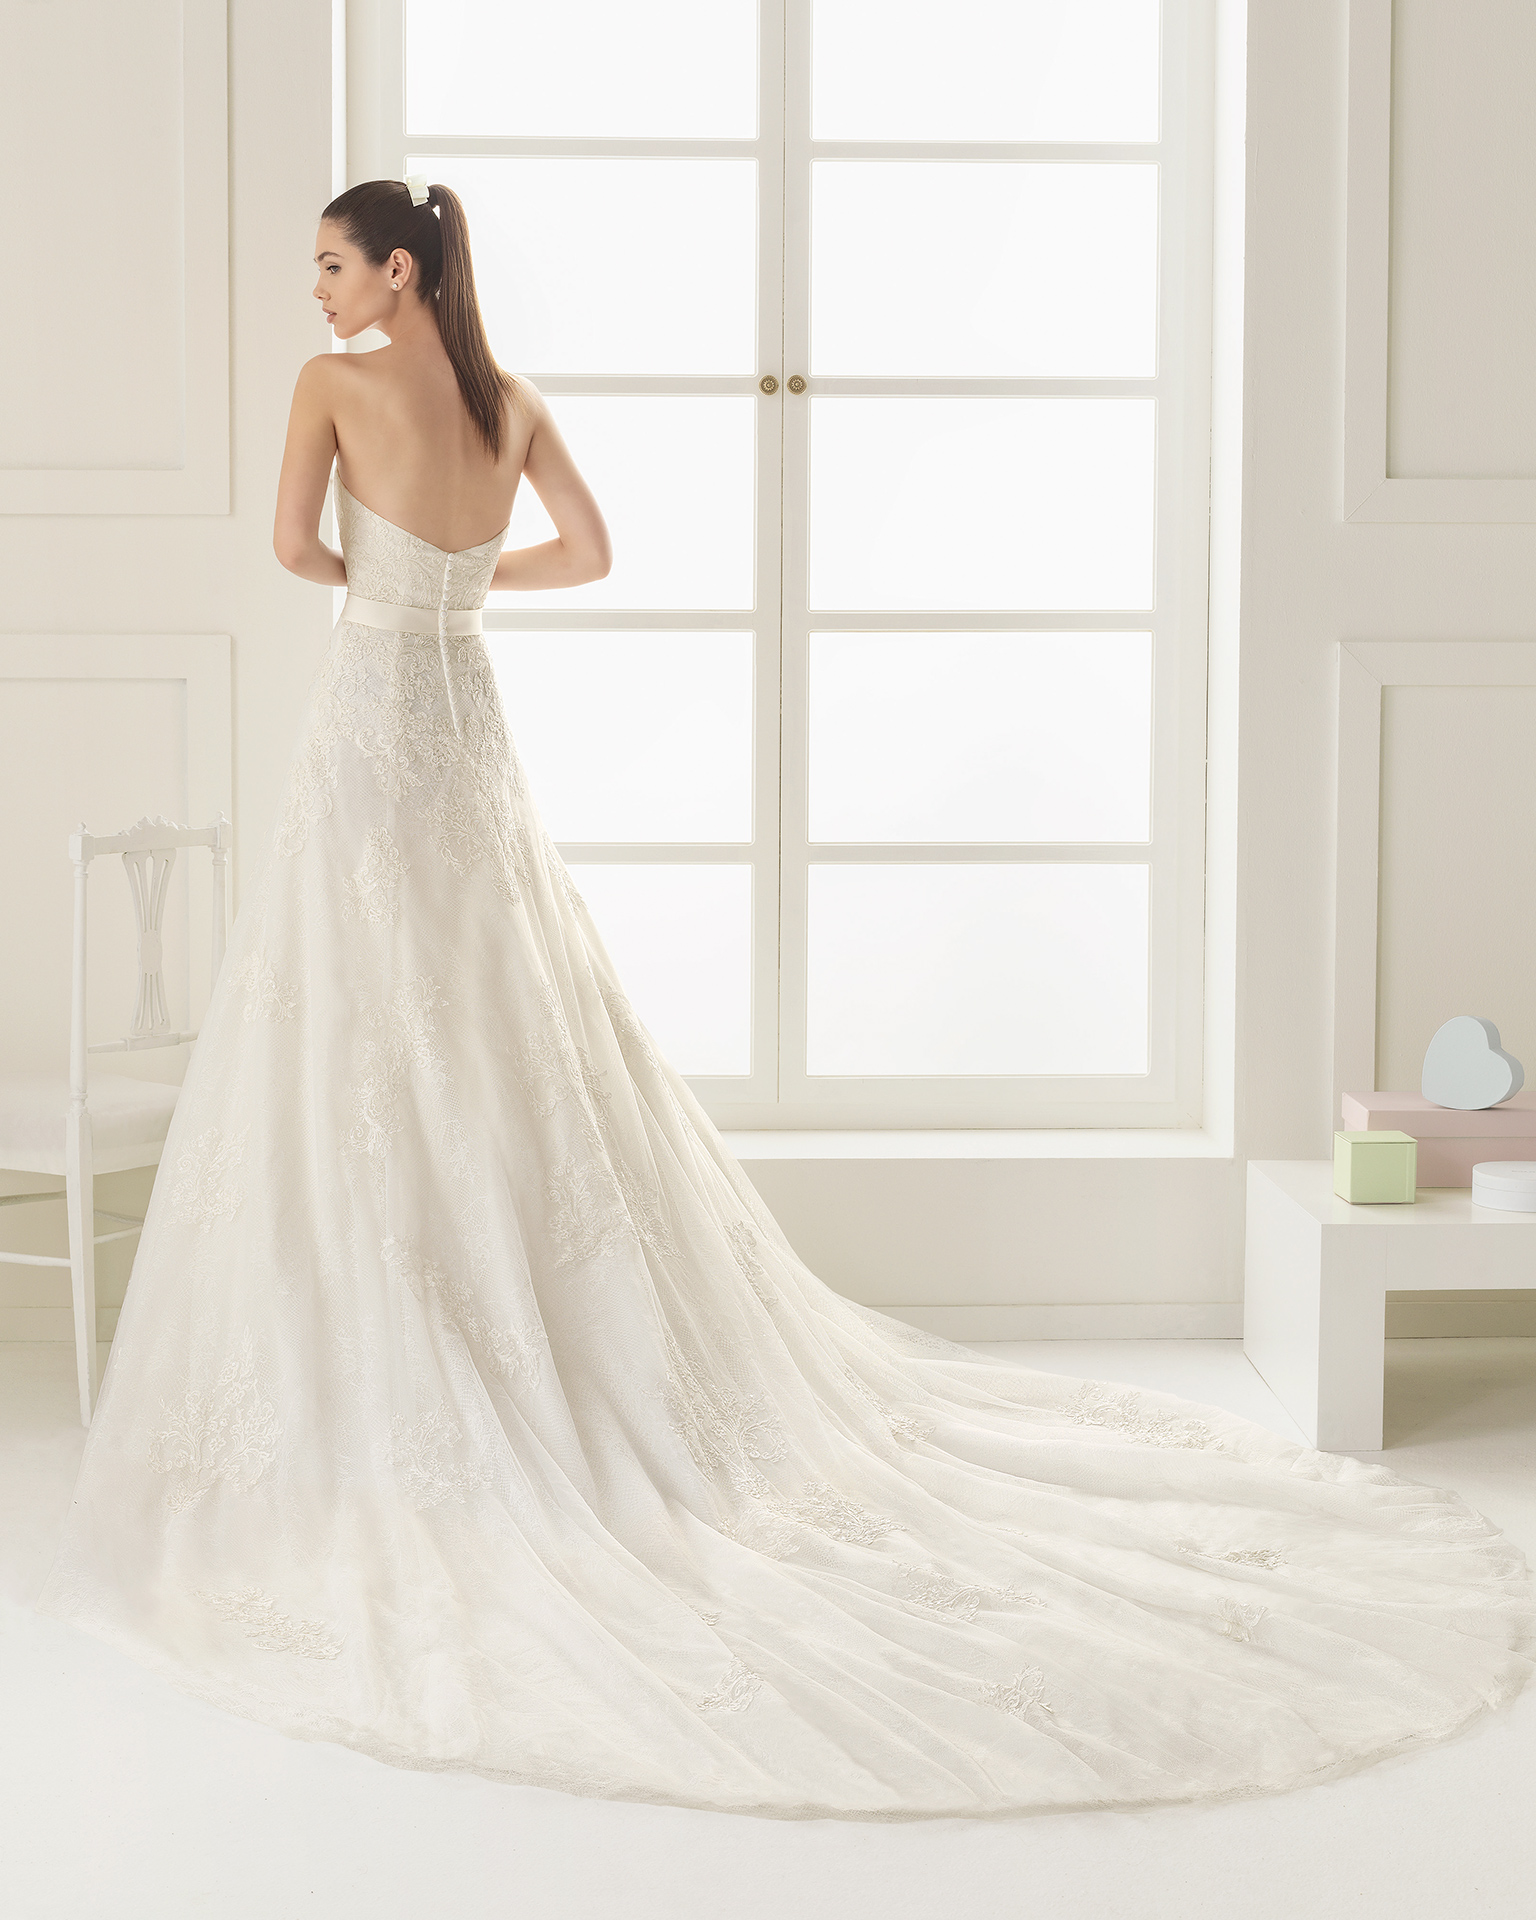 Elena (40, тюль/кружево/бисер, natural) Свадебное платье Rosa Clara в Одессе. Свадебный салон Скоро Свадьба.